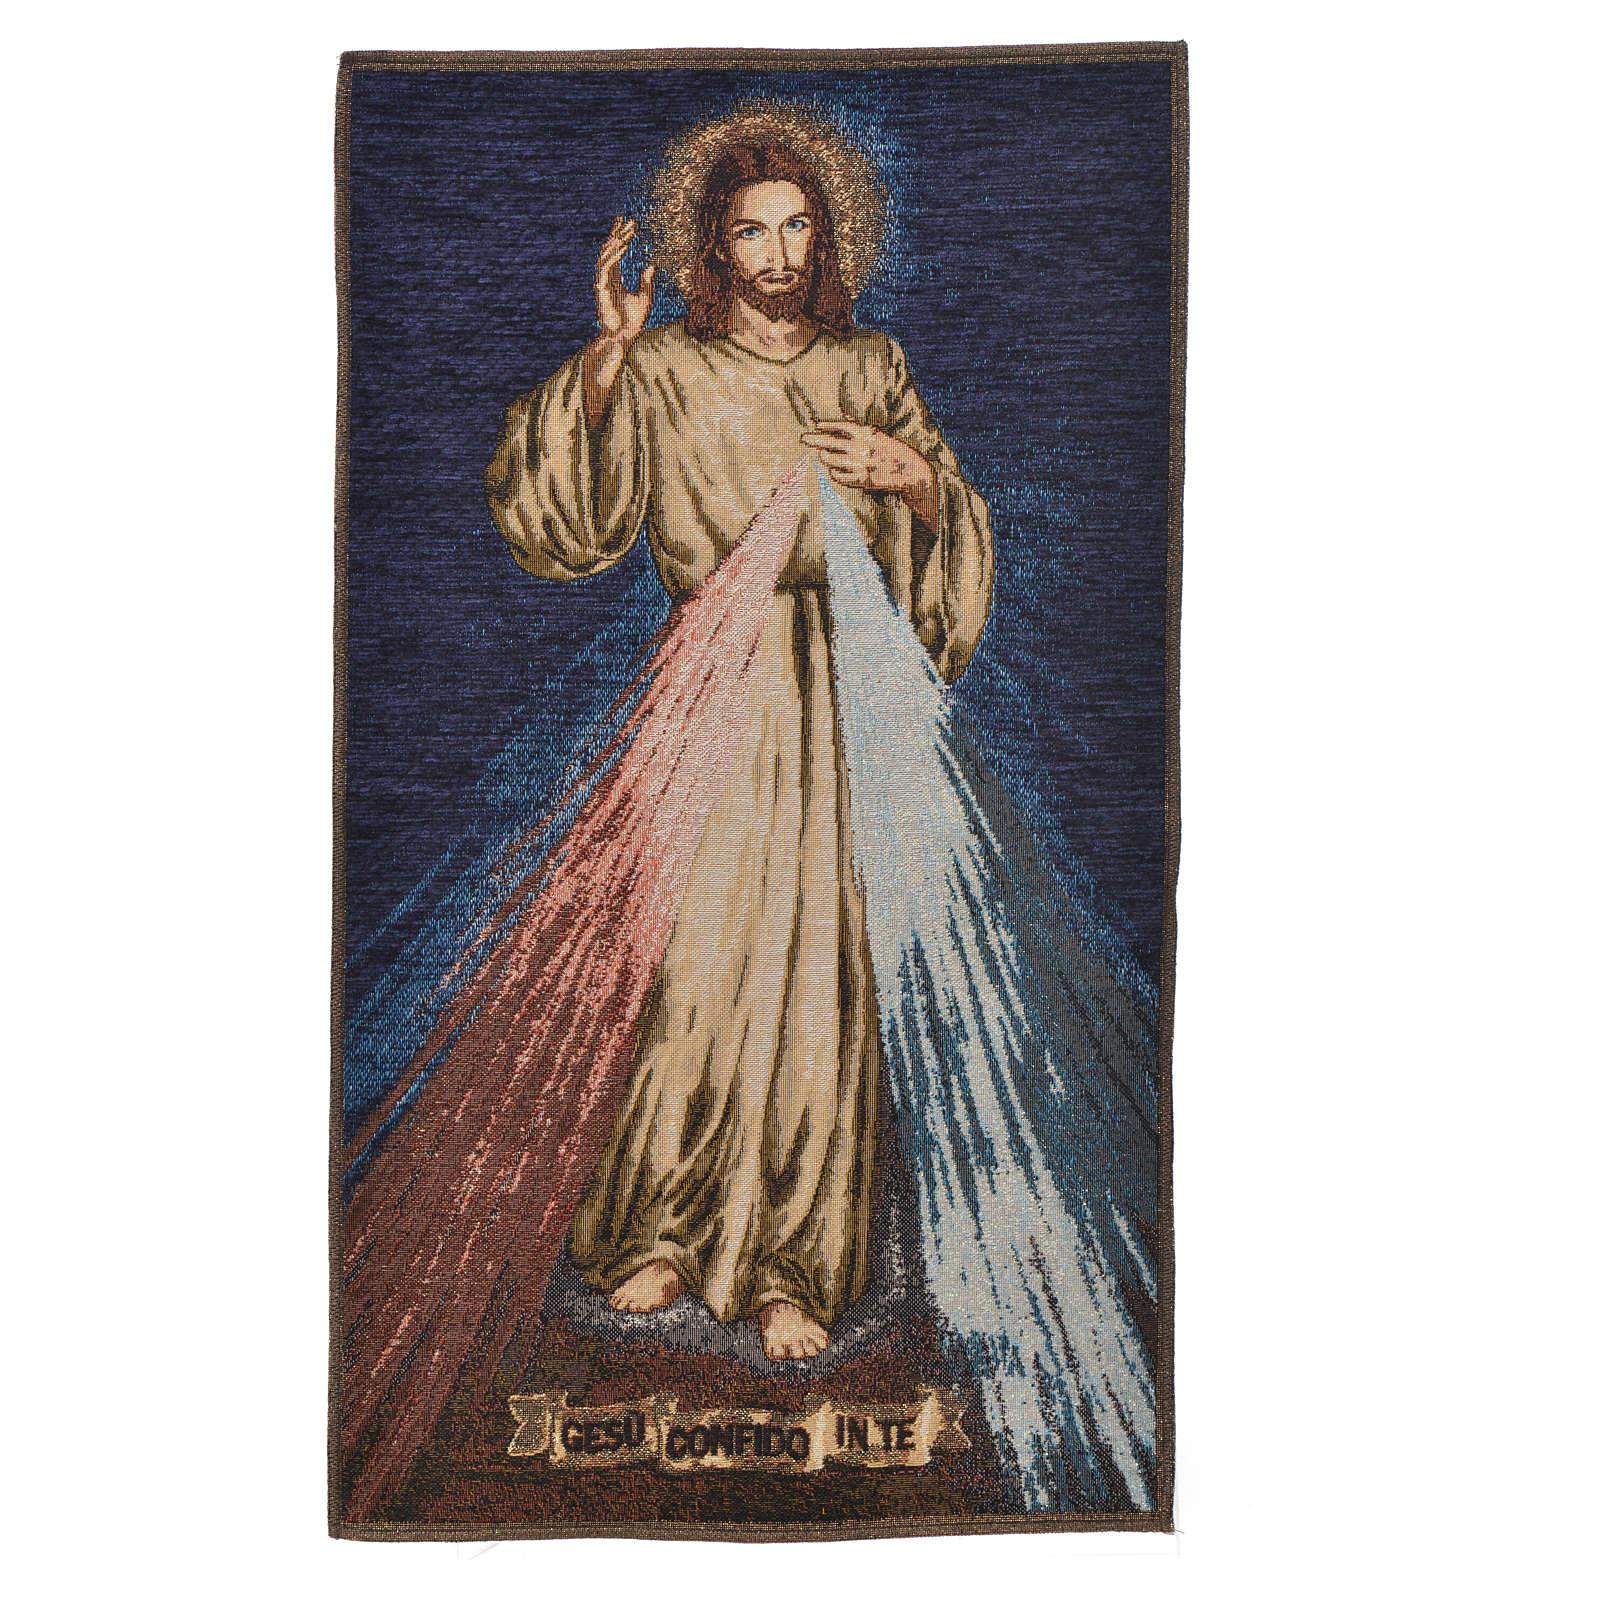 Gobelin Jezu ufam Tobie 3